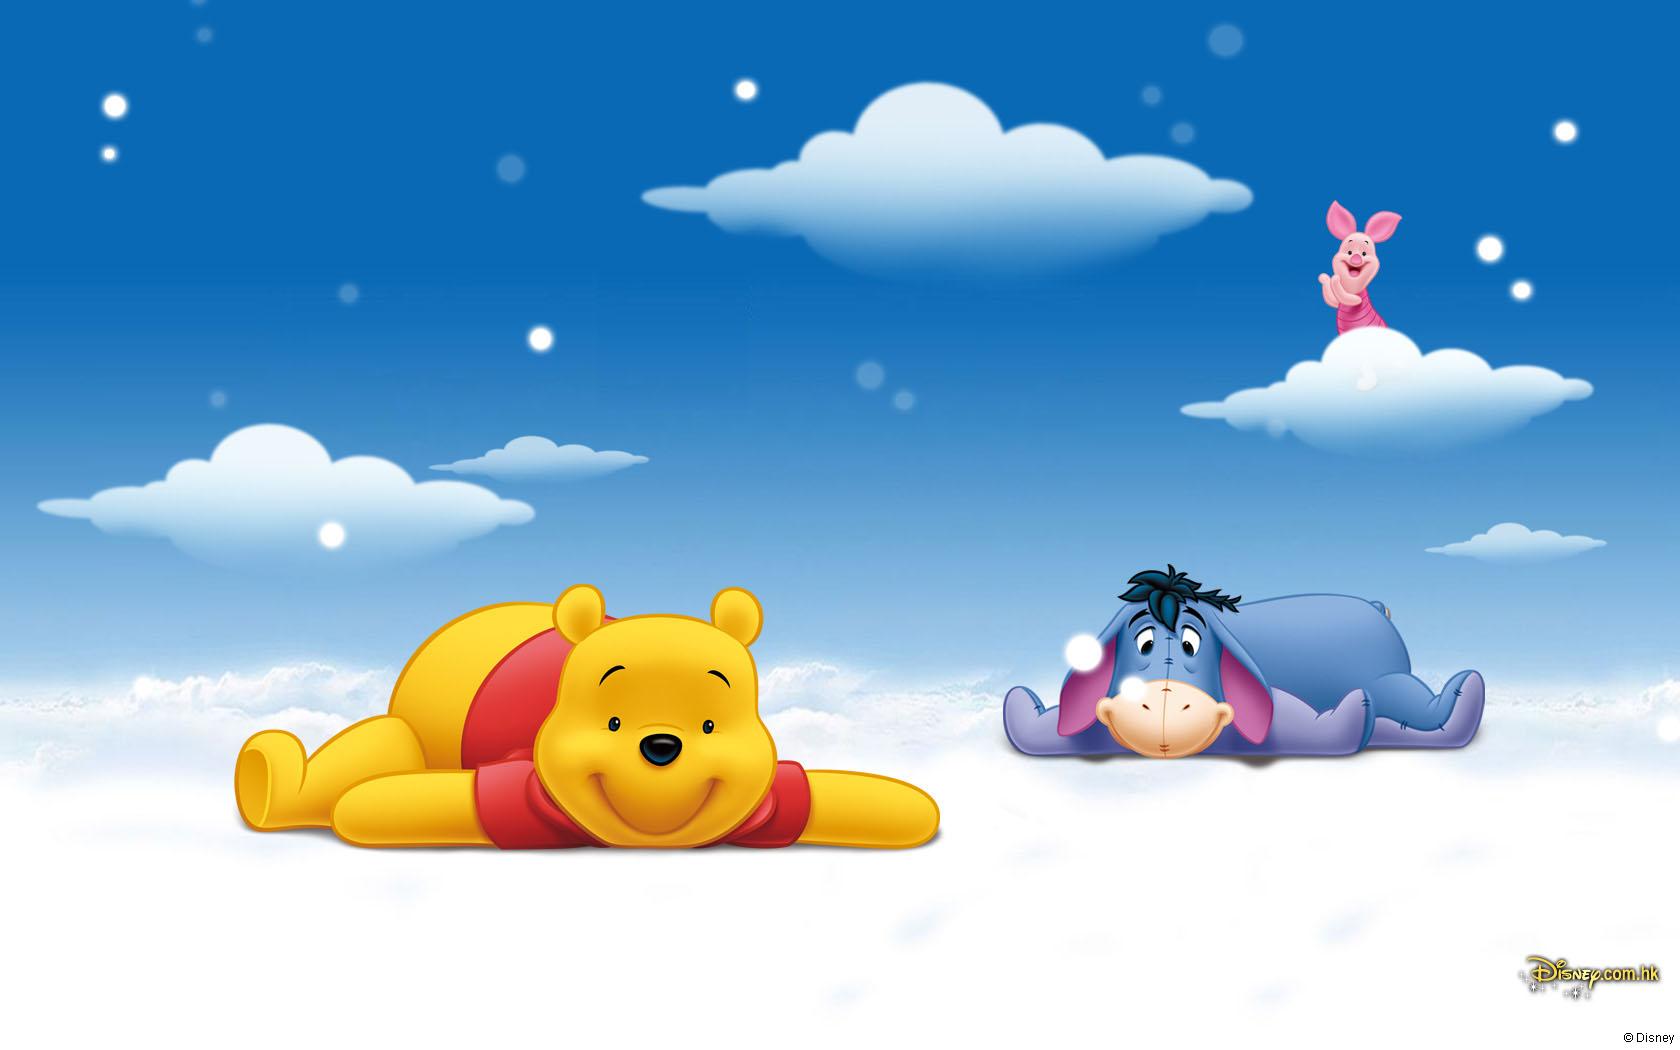 小熊维尼 Winnie the Pooh 可爱卡通宽屏壁纸(壁纸1)